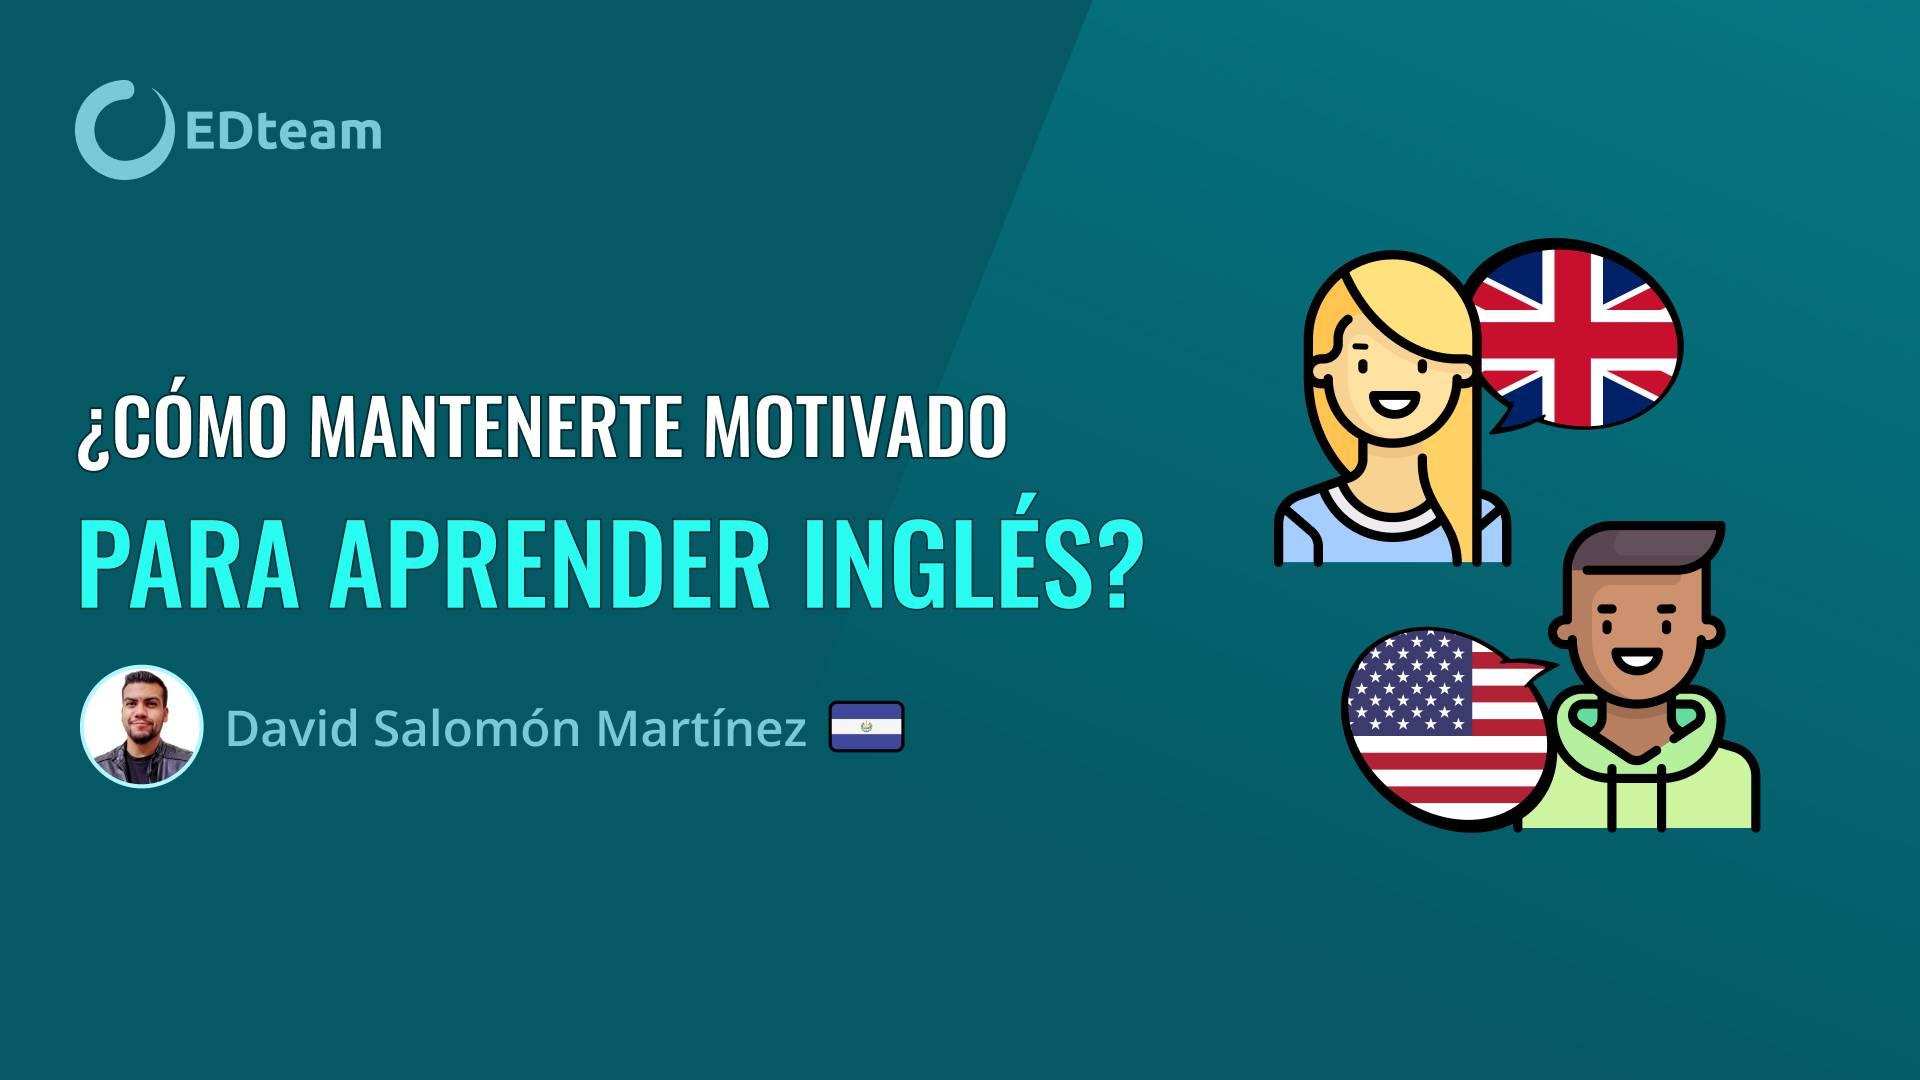 ¿Cómo mantenerte motivado para aprender Inglés?